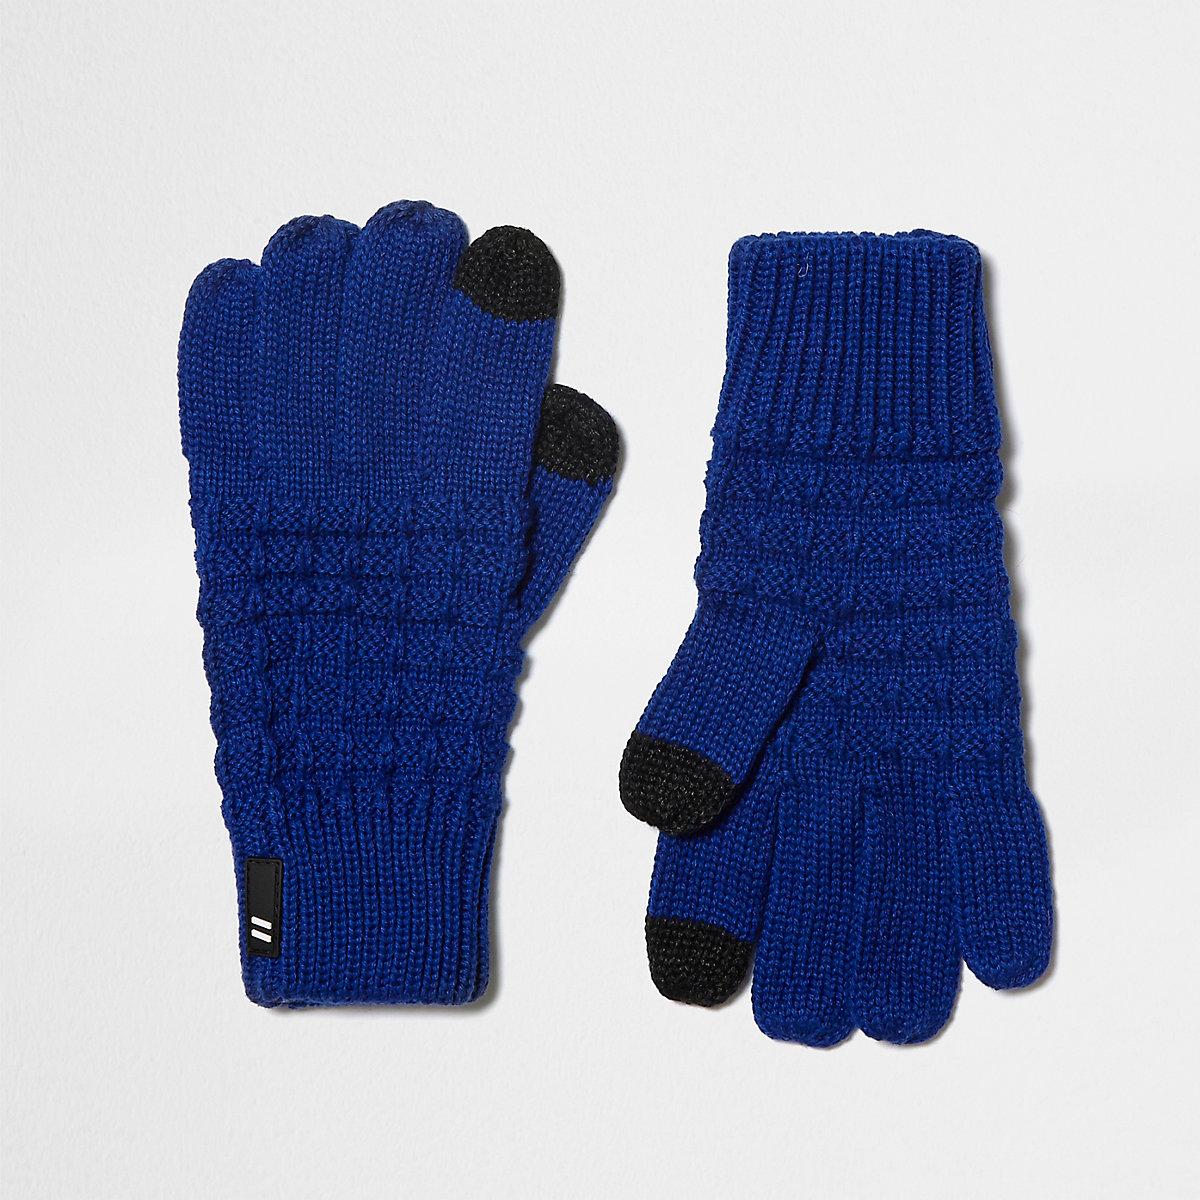 Gants en maille bleu cobalt pour écran tactile pour garçon